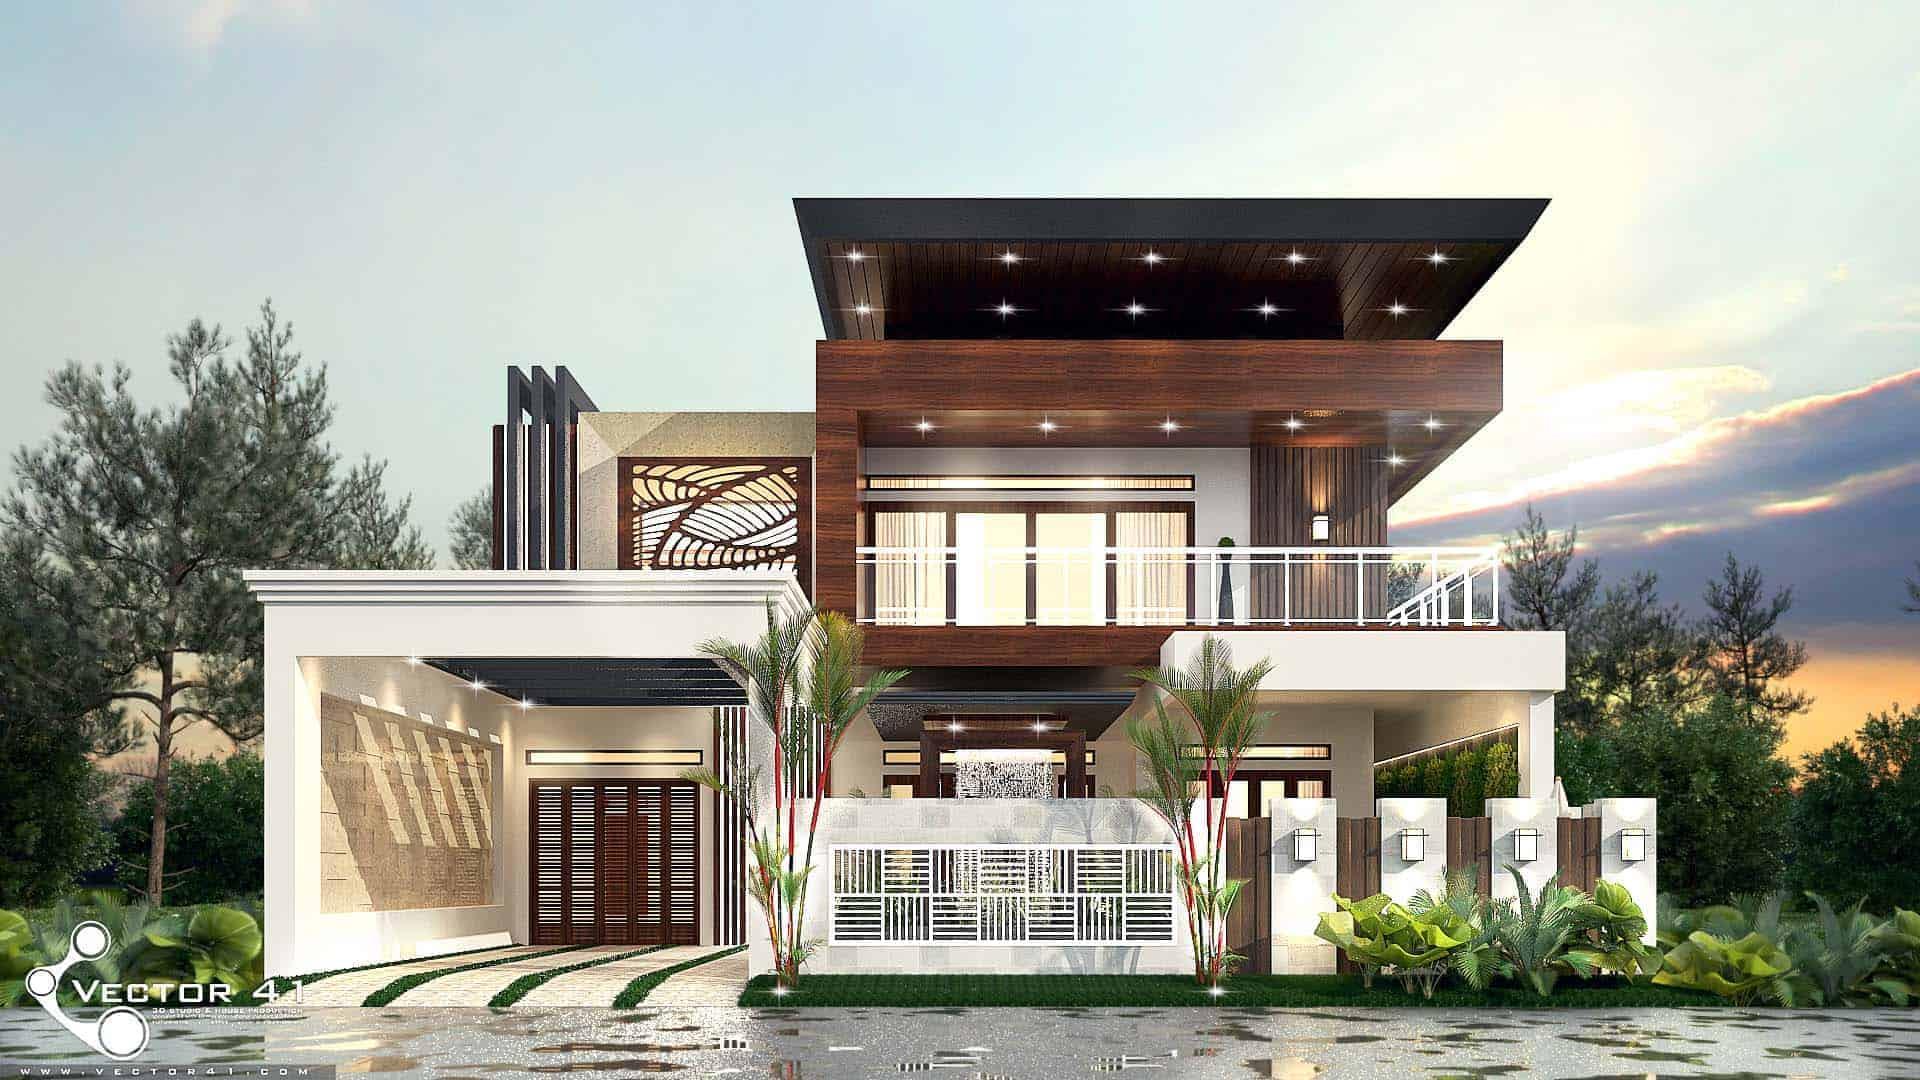 Desain Rumah Modern Minimalis Mrs Sari Dewi Medan